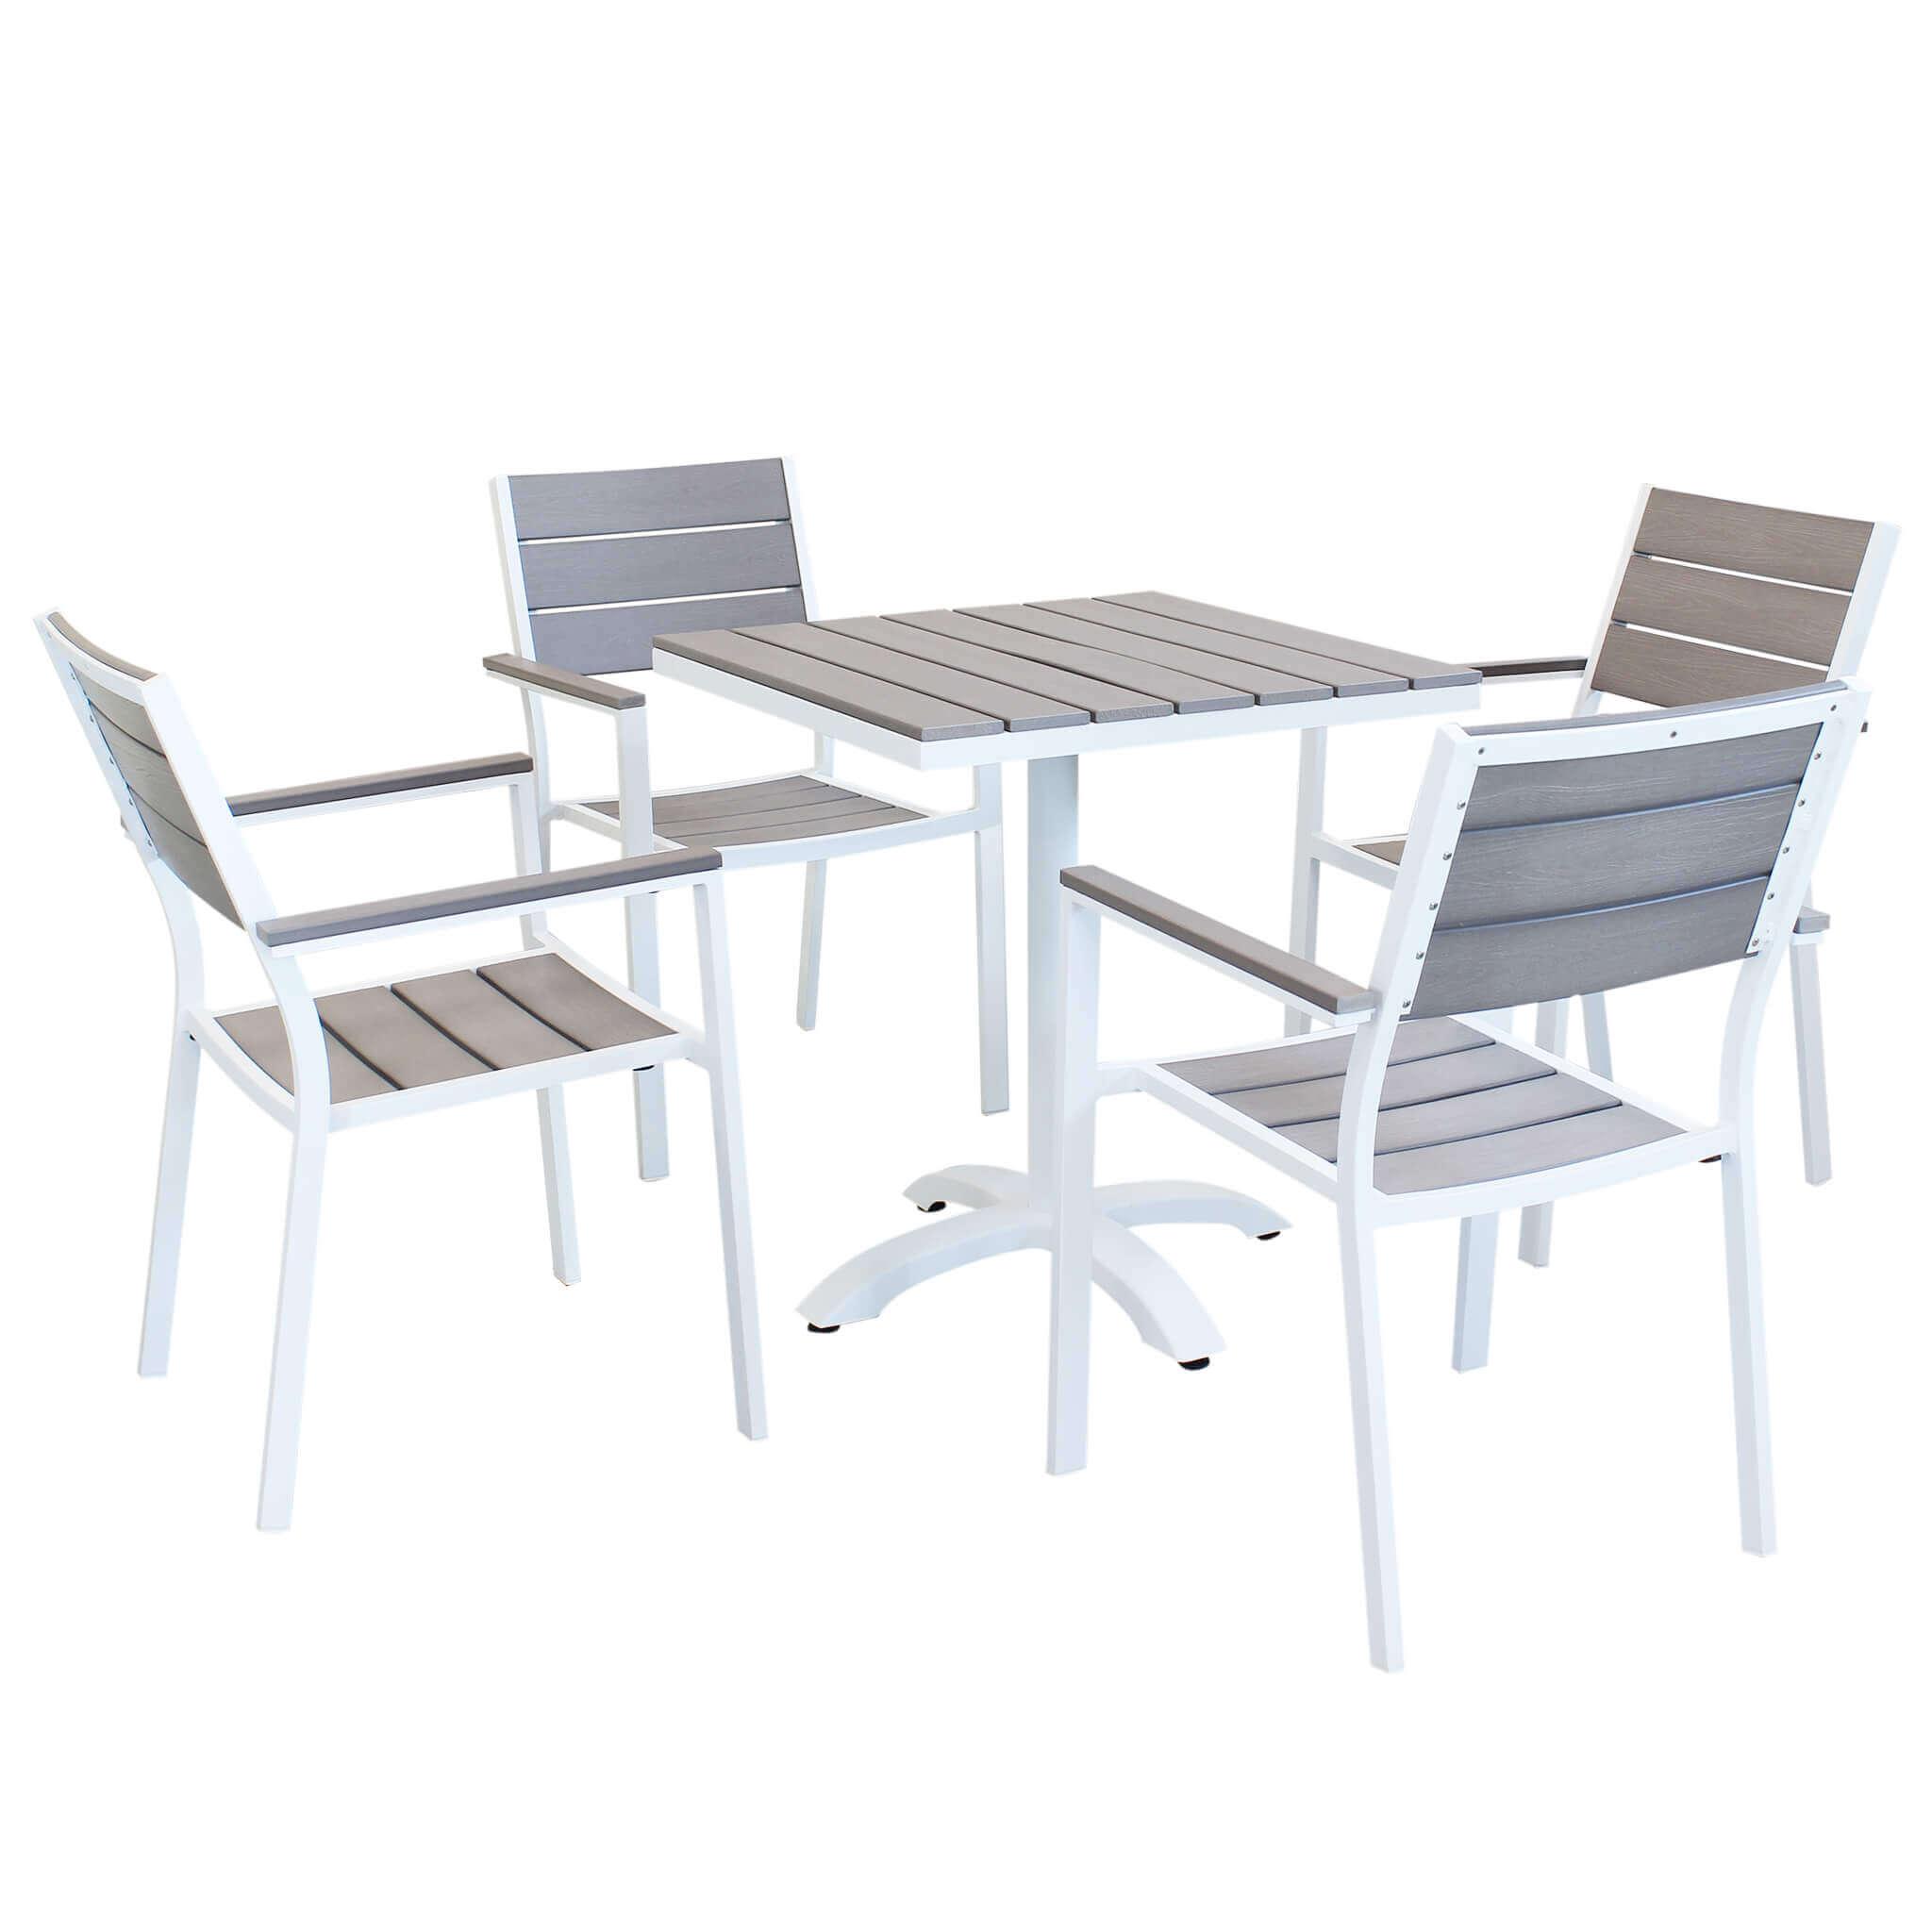 Milani Home XANTHUS - set tavolo da giardino 70 x 70 compreso di 4 poltorne in alluminio e polywood